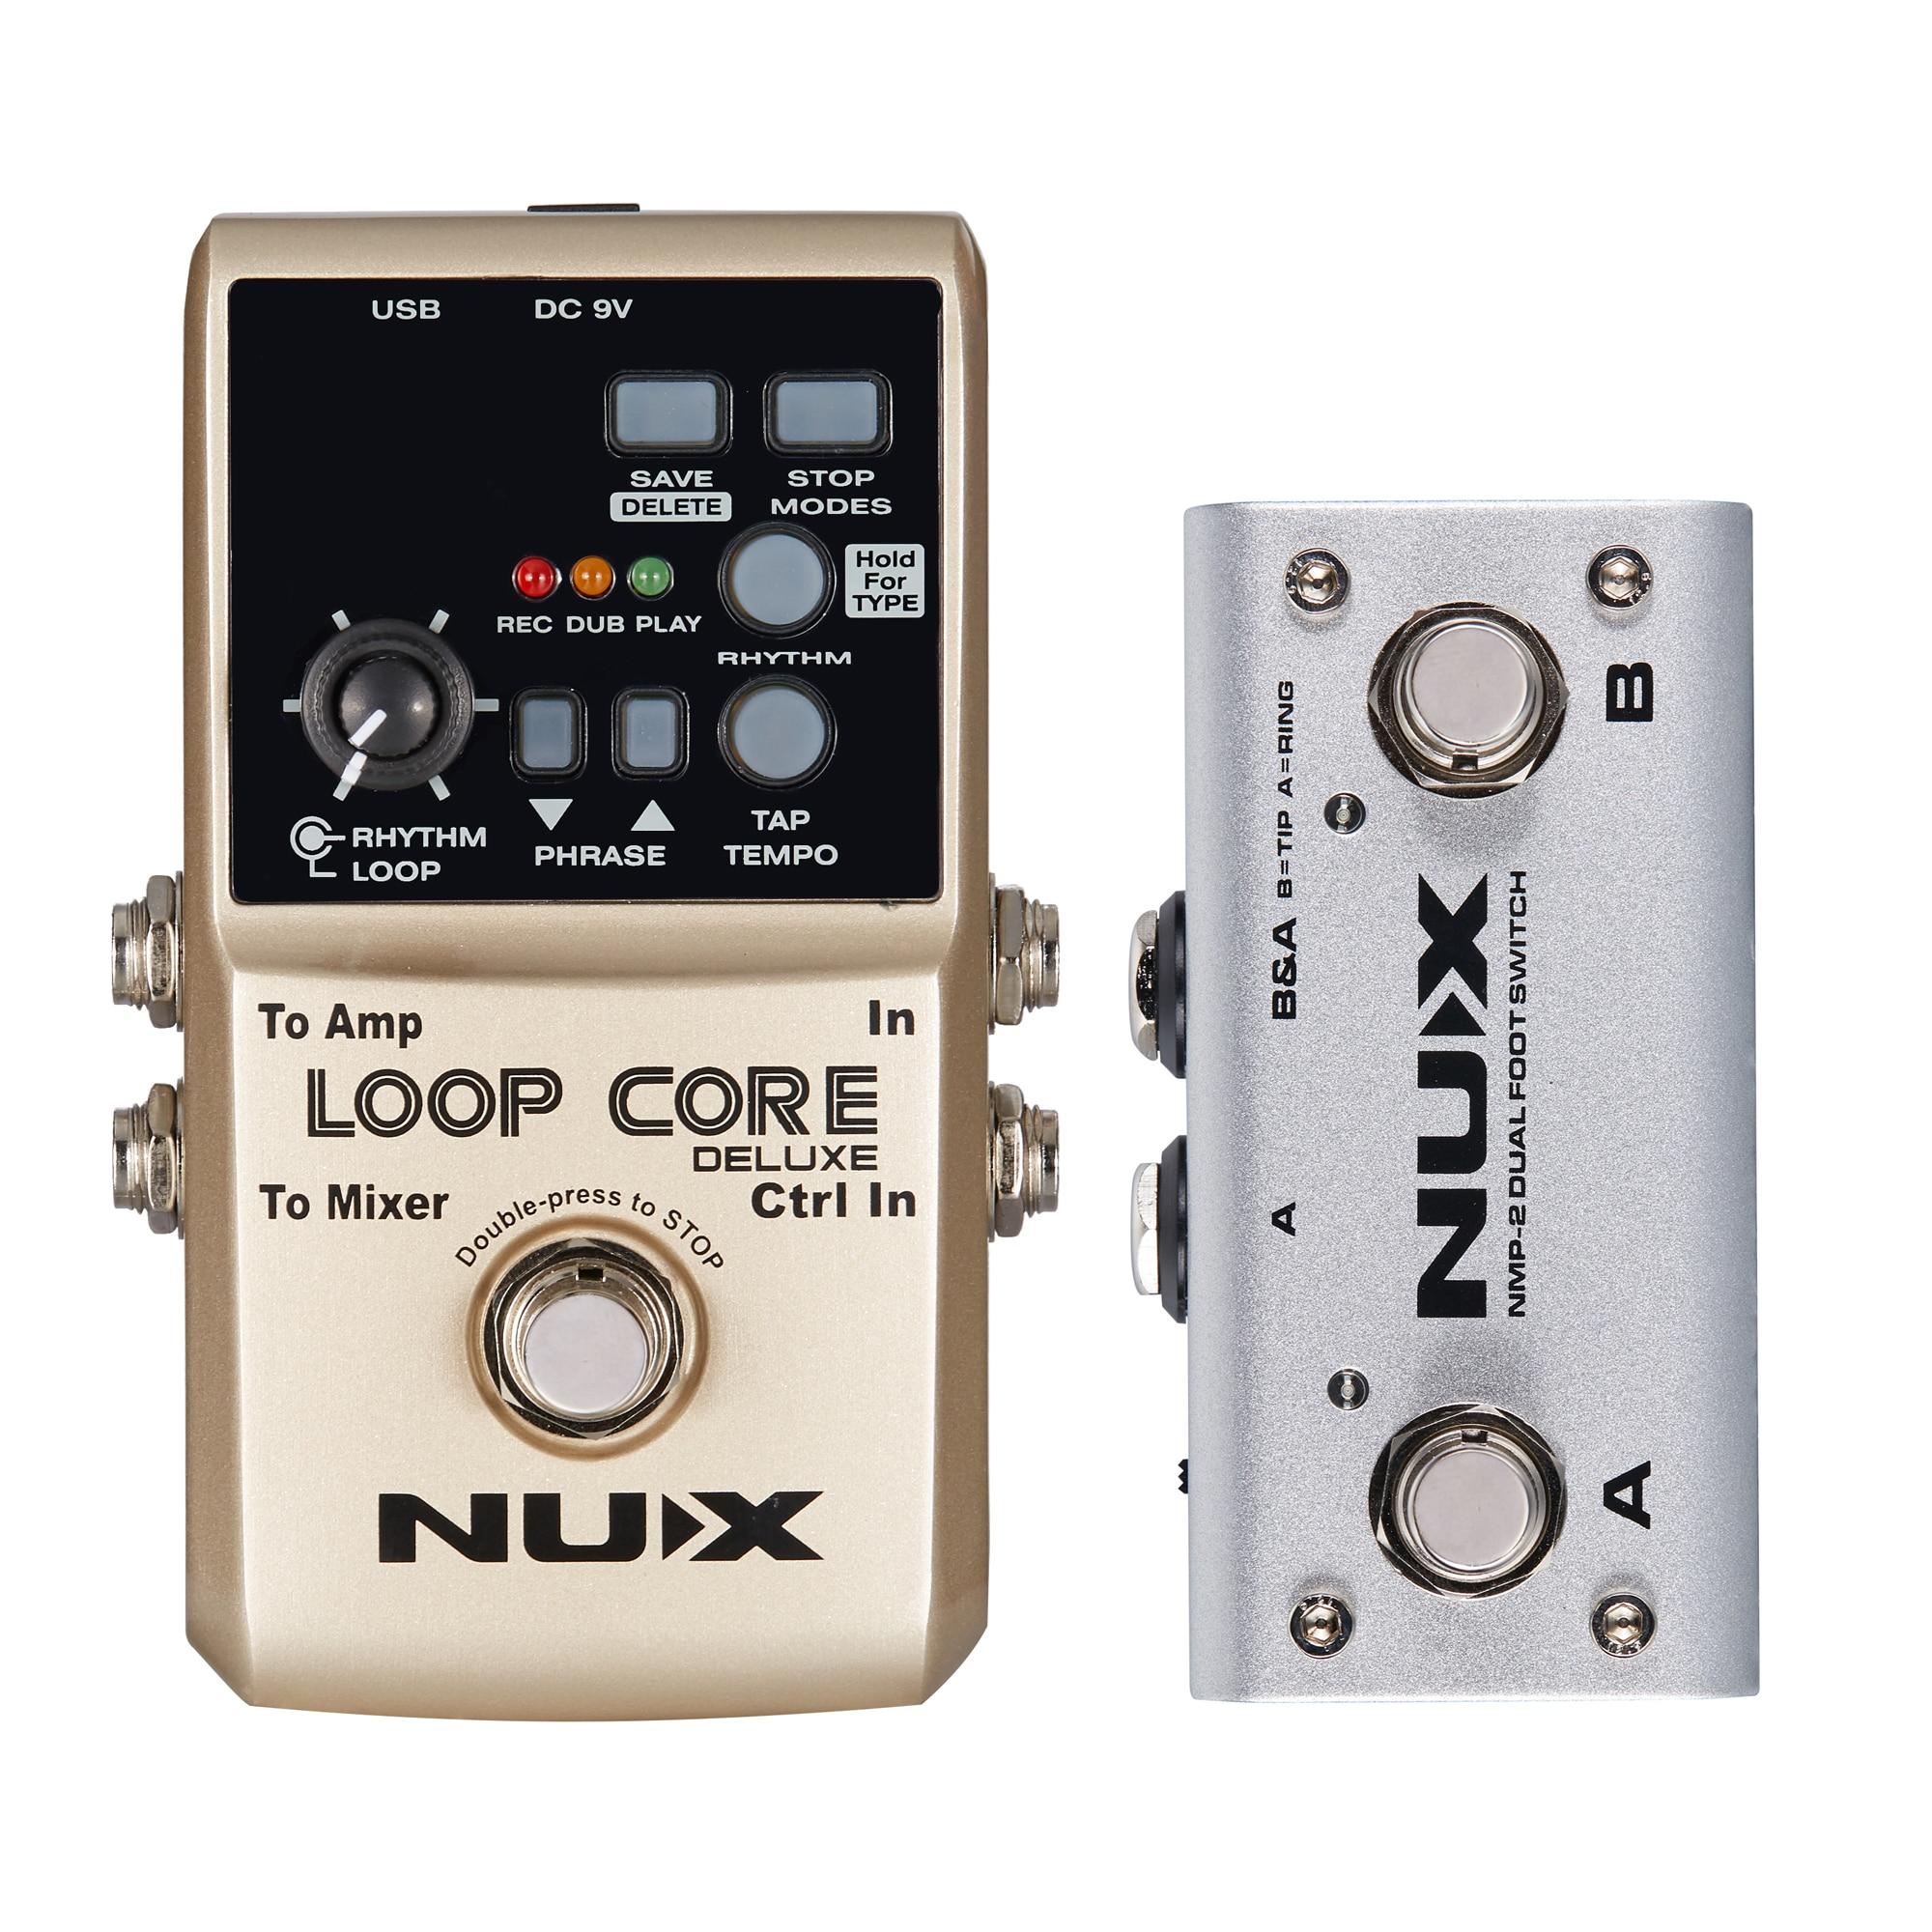 NUX Boucle Core Deluxe Pédale 24-peu Arpenteuse Pédale 8 Heures D'enregistrement Intégré 40 Rythmes de Tambour Électrique Guitare accessoires